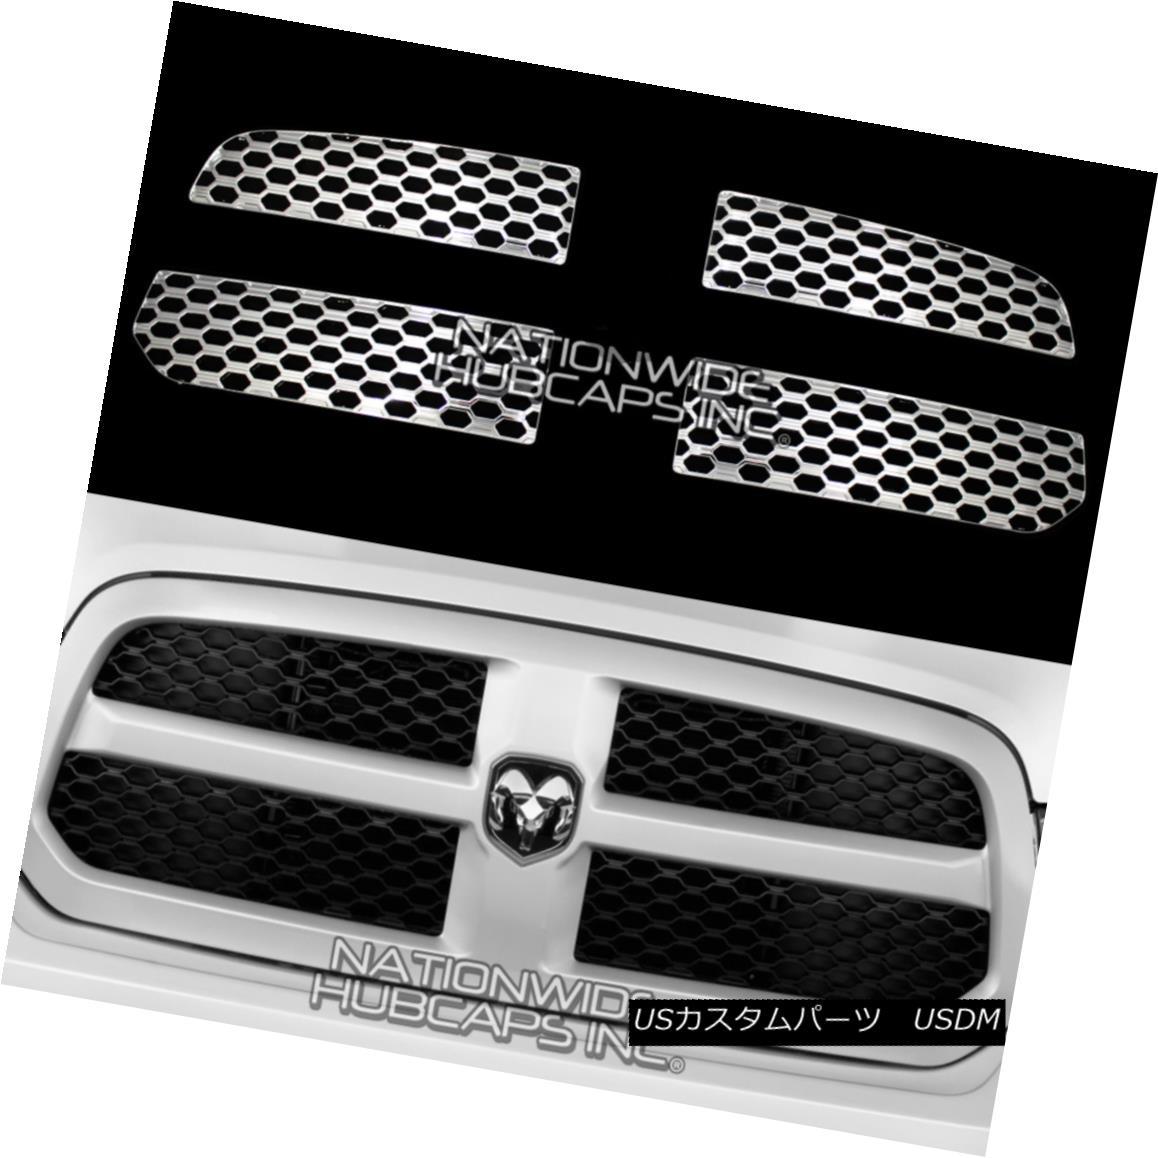 グリル 2013-2019 Dodge RAM 1500 CHROME Snap On Grill Overlay Grille Covers Trim Inserts 2013-2019 Dodge RAM 1500 CHROMEスナップオングリルオーバーレイグリルカバートリムインサート